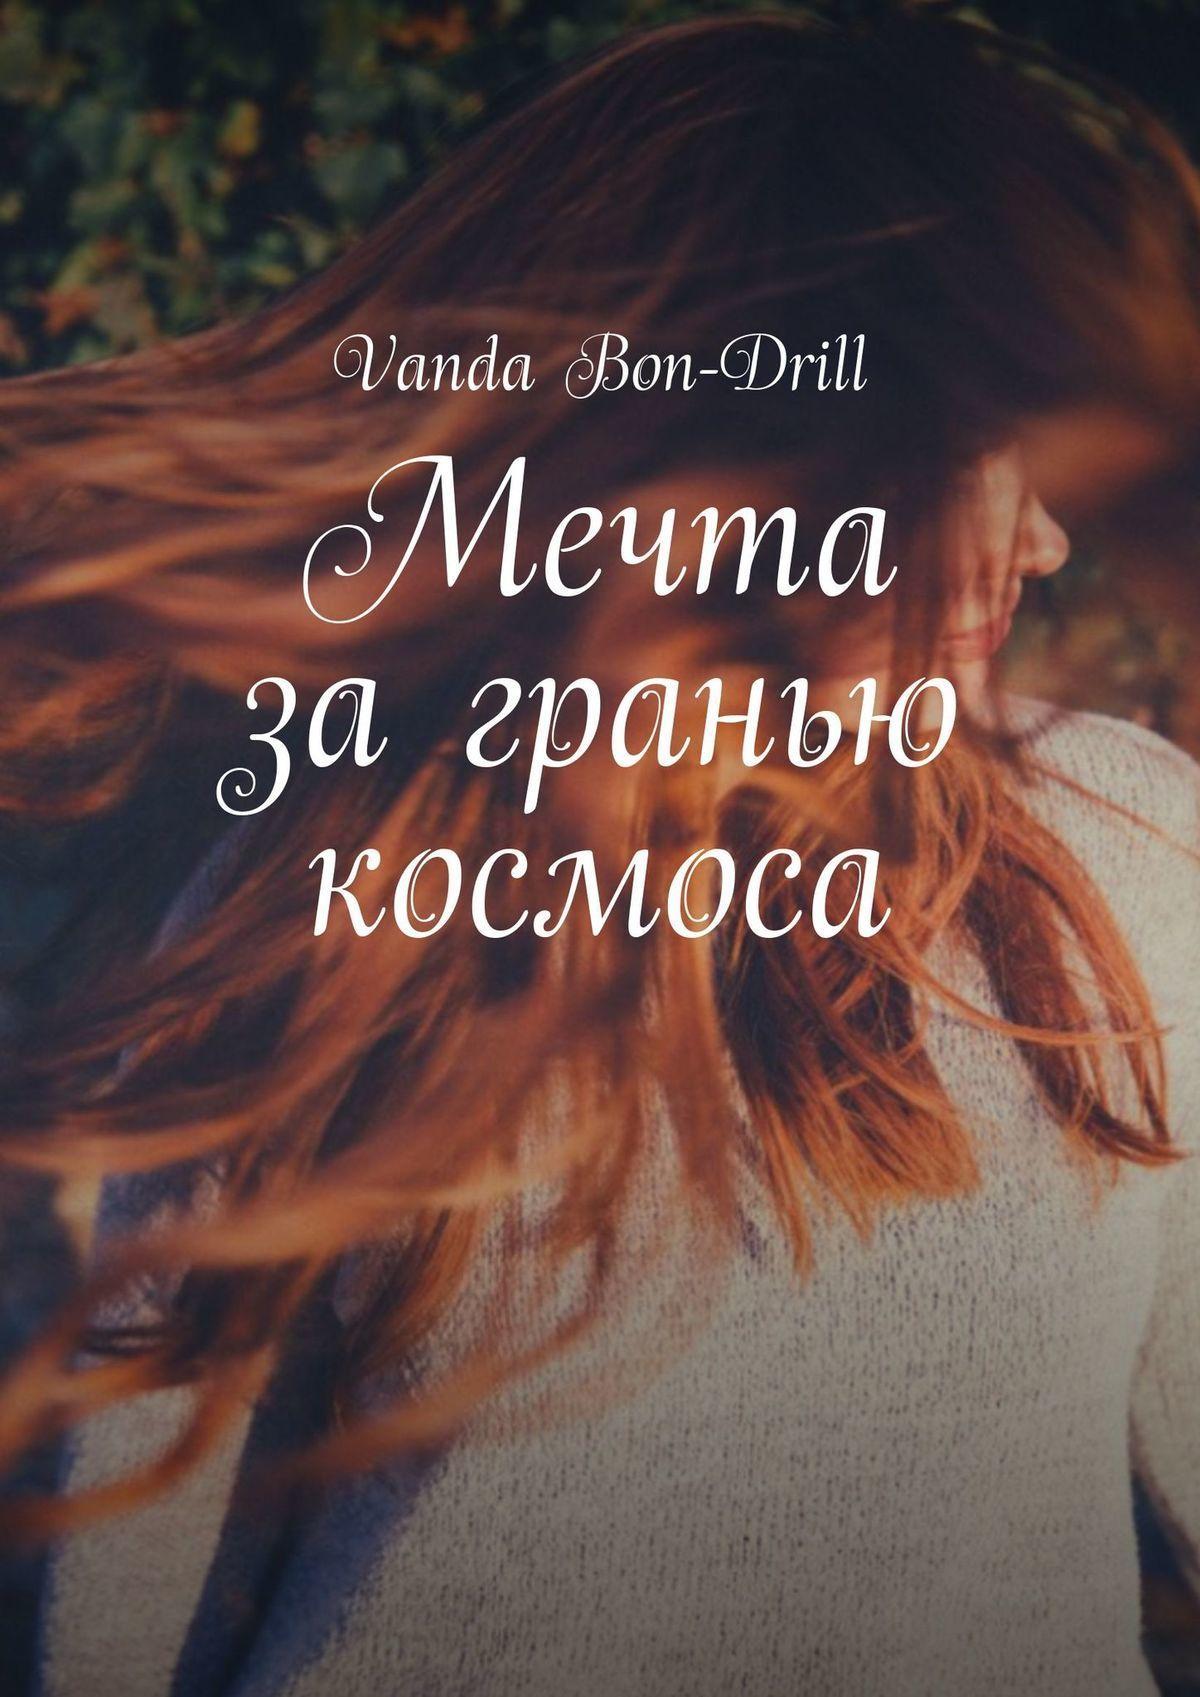 Vanda Bon-Drill - Мечта загранью космоса